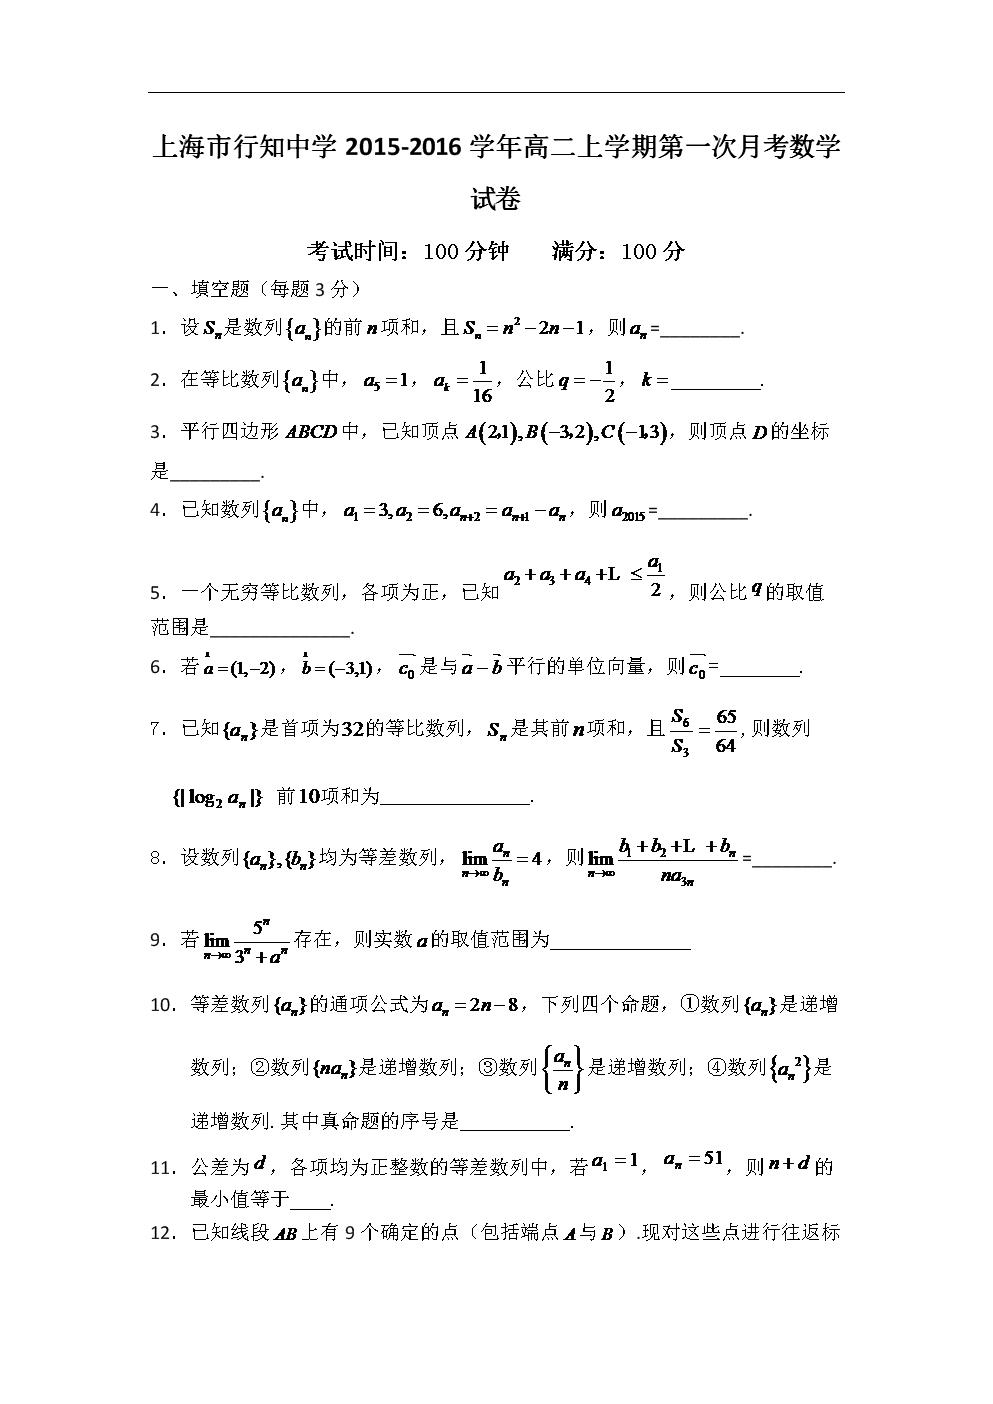 上海市行知初中2015-2016中学国家上高二第一常考学期名的学年图片